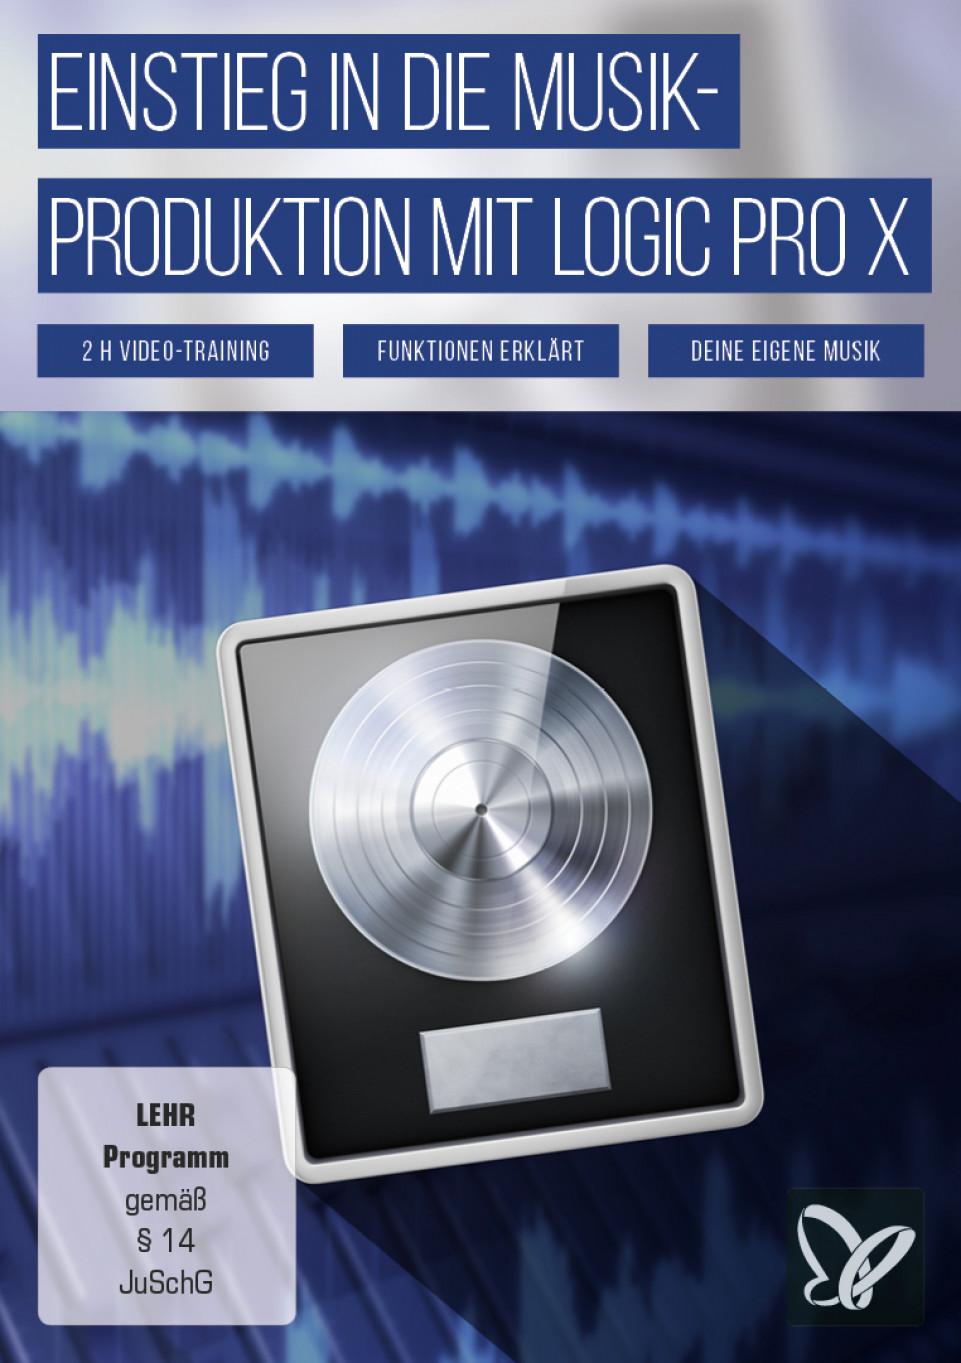 Einstieg in die Musikproduktion mit Logic Pro X